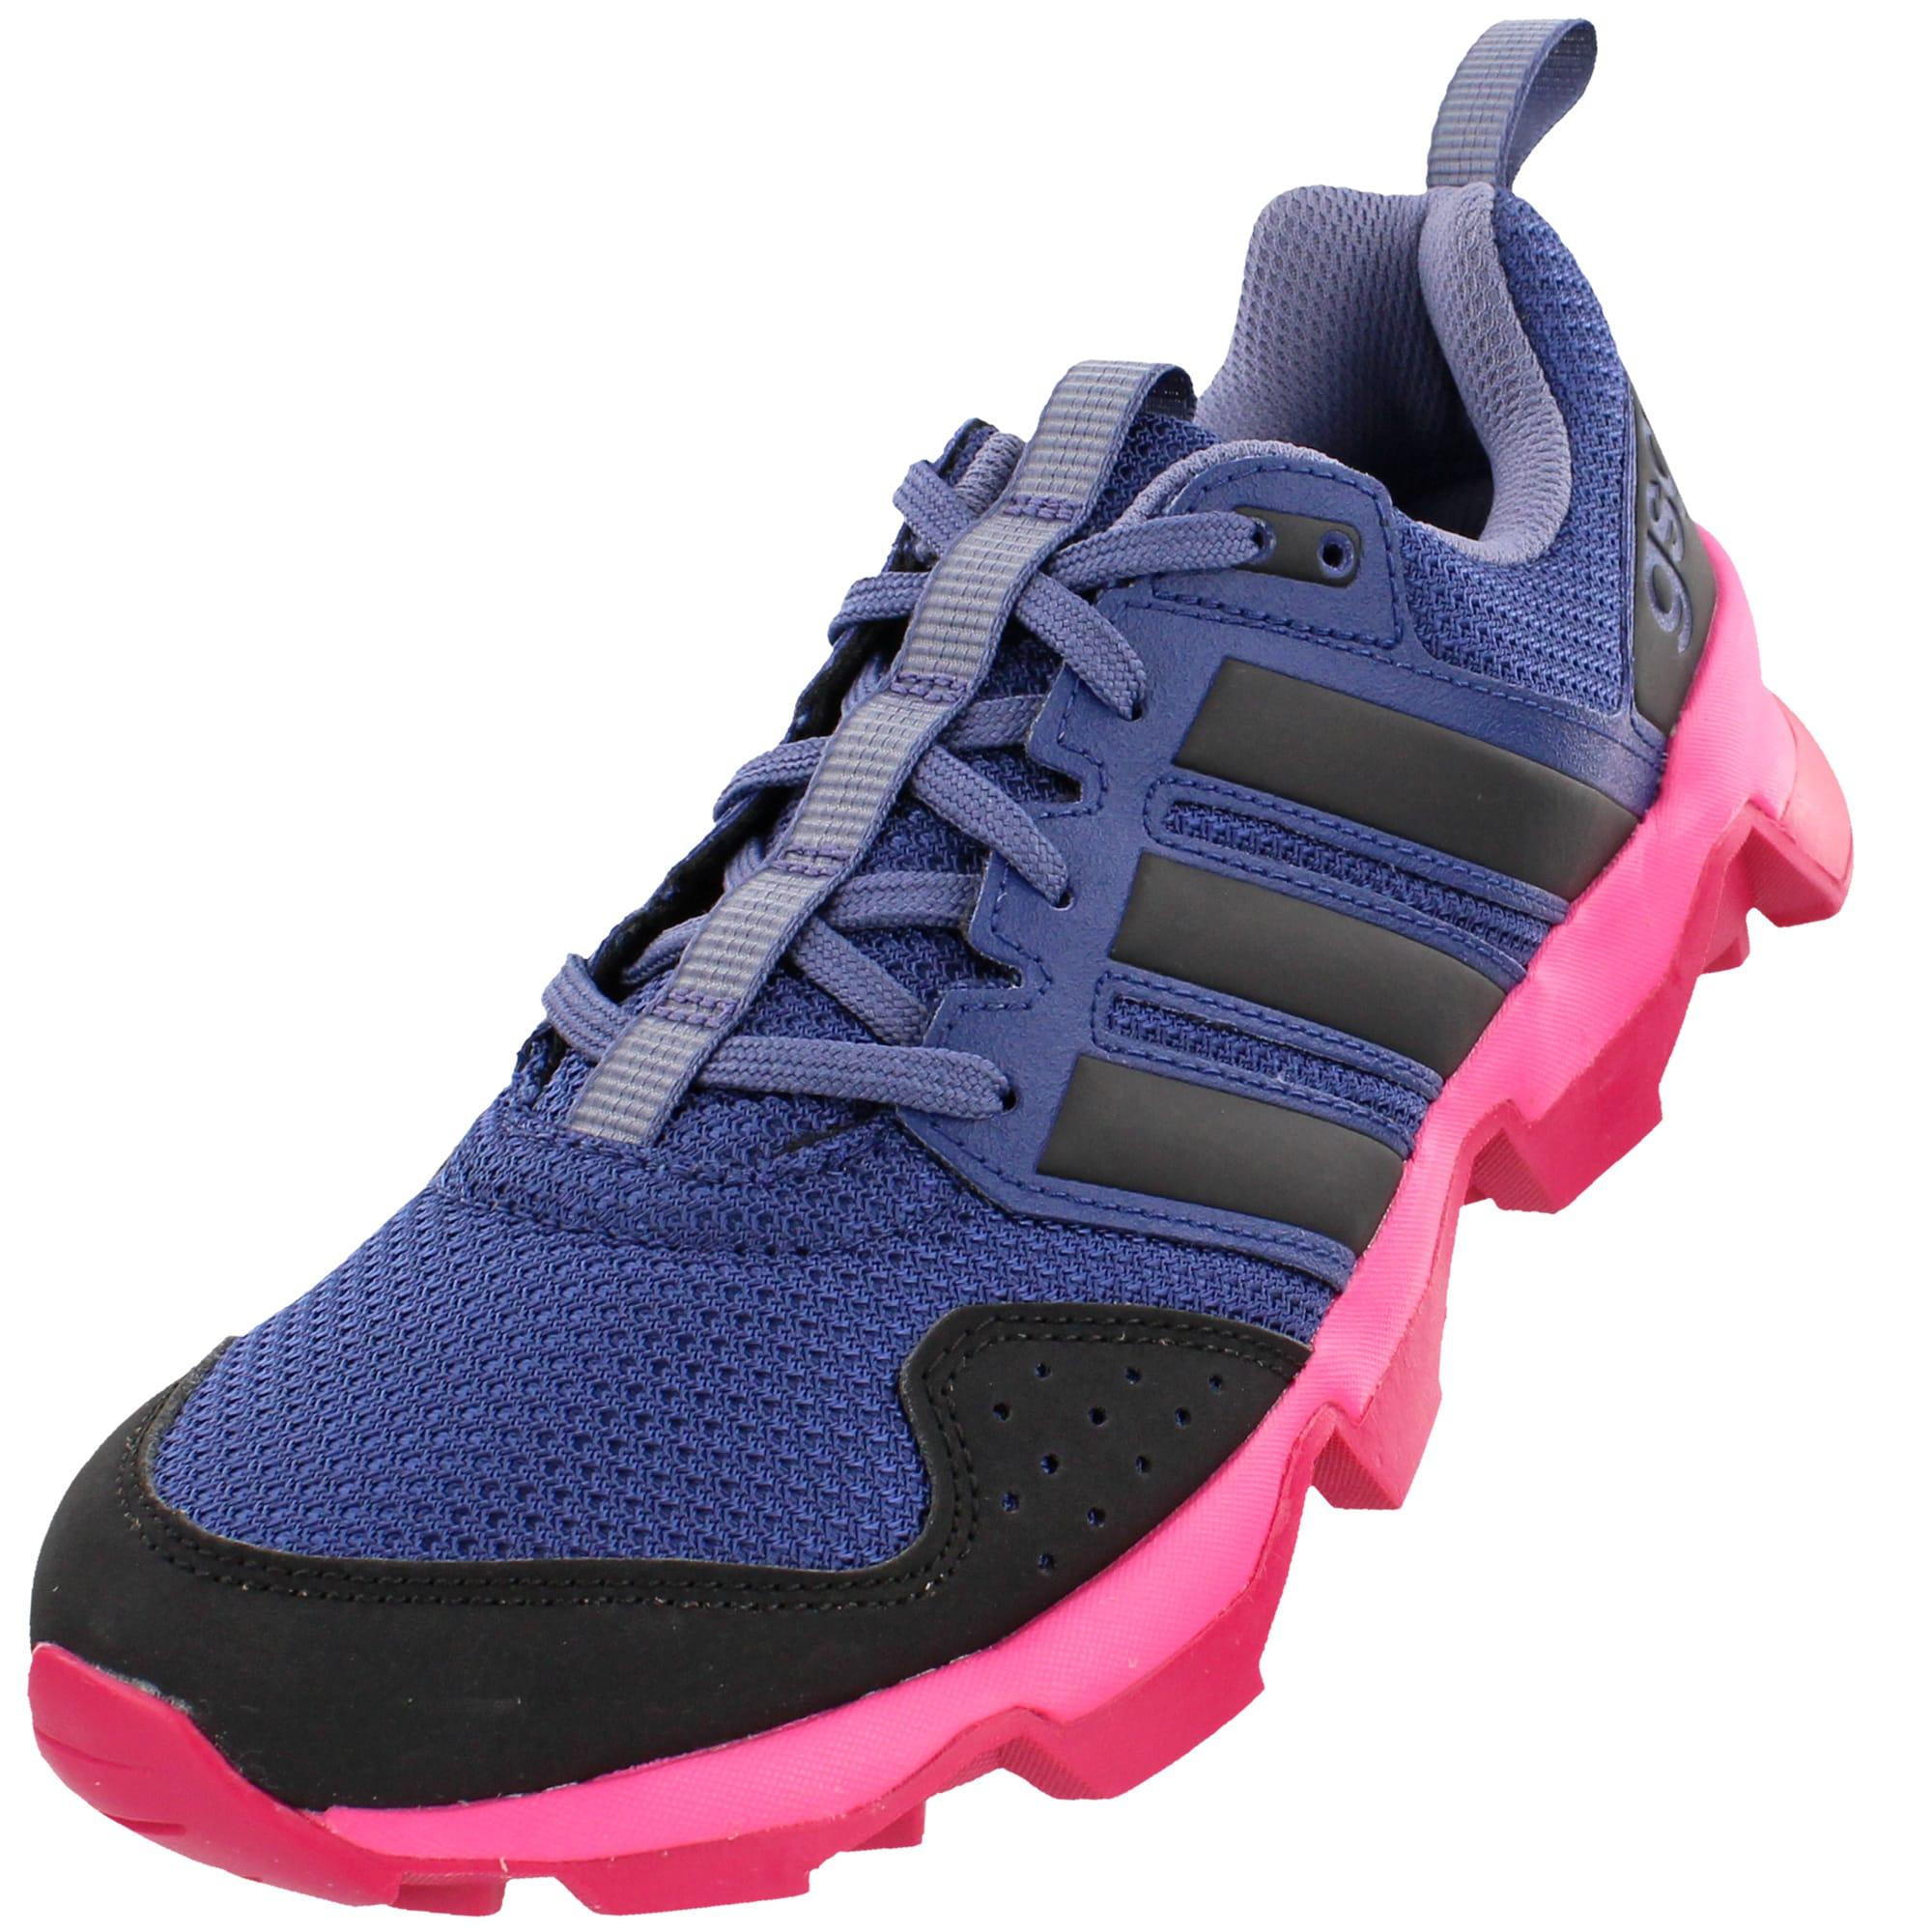 Adidas GSG9 Trail Hiking Shoes - Womens